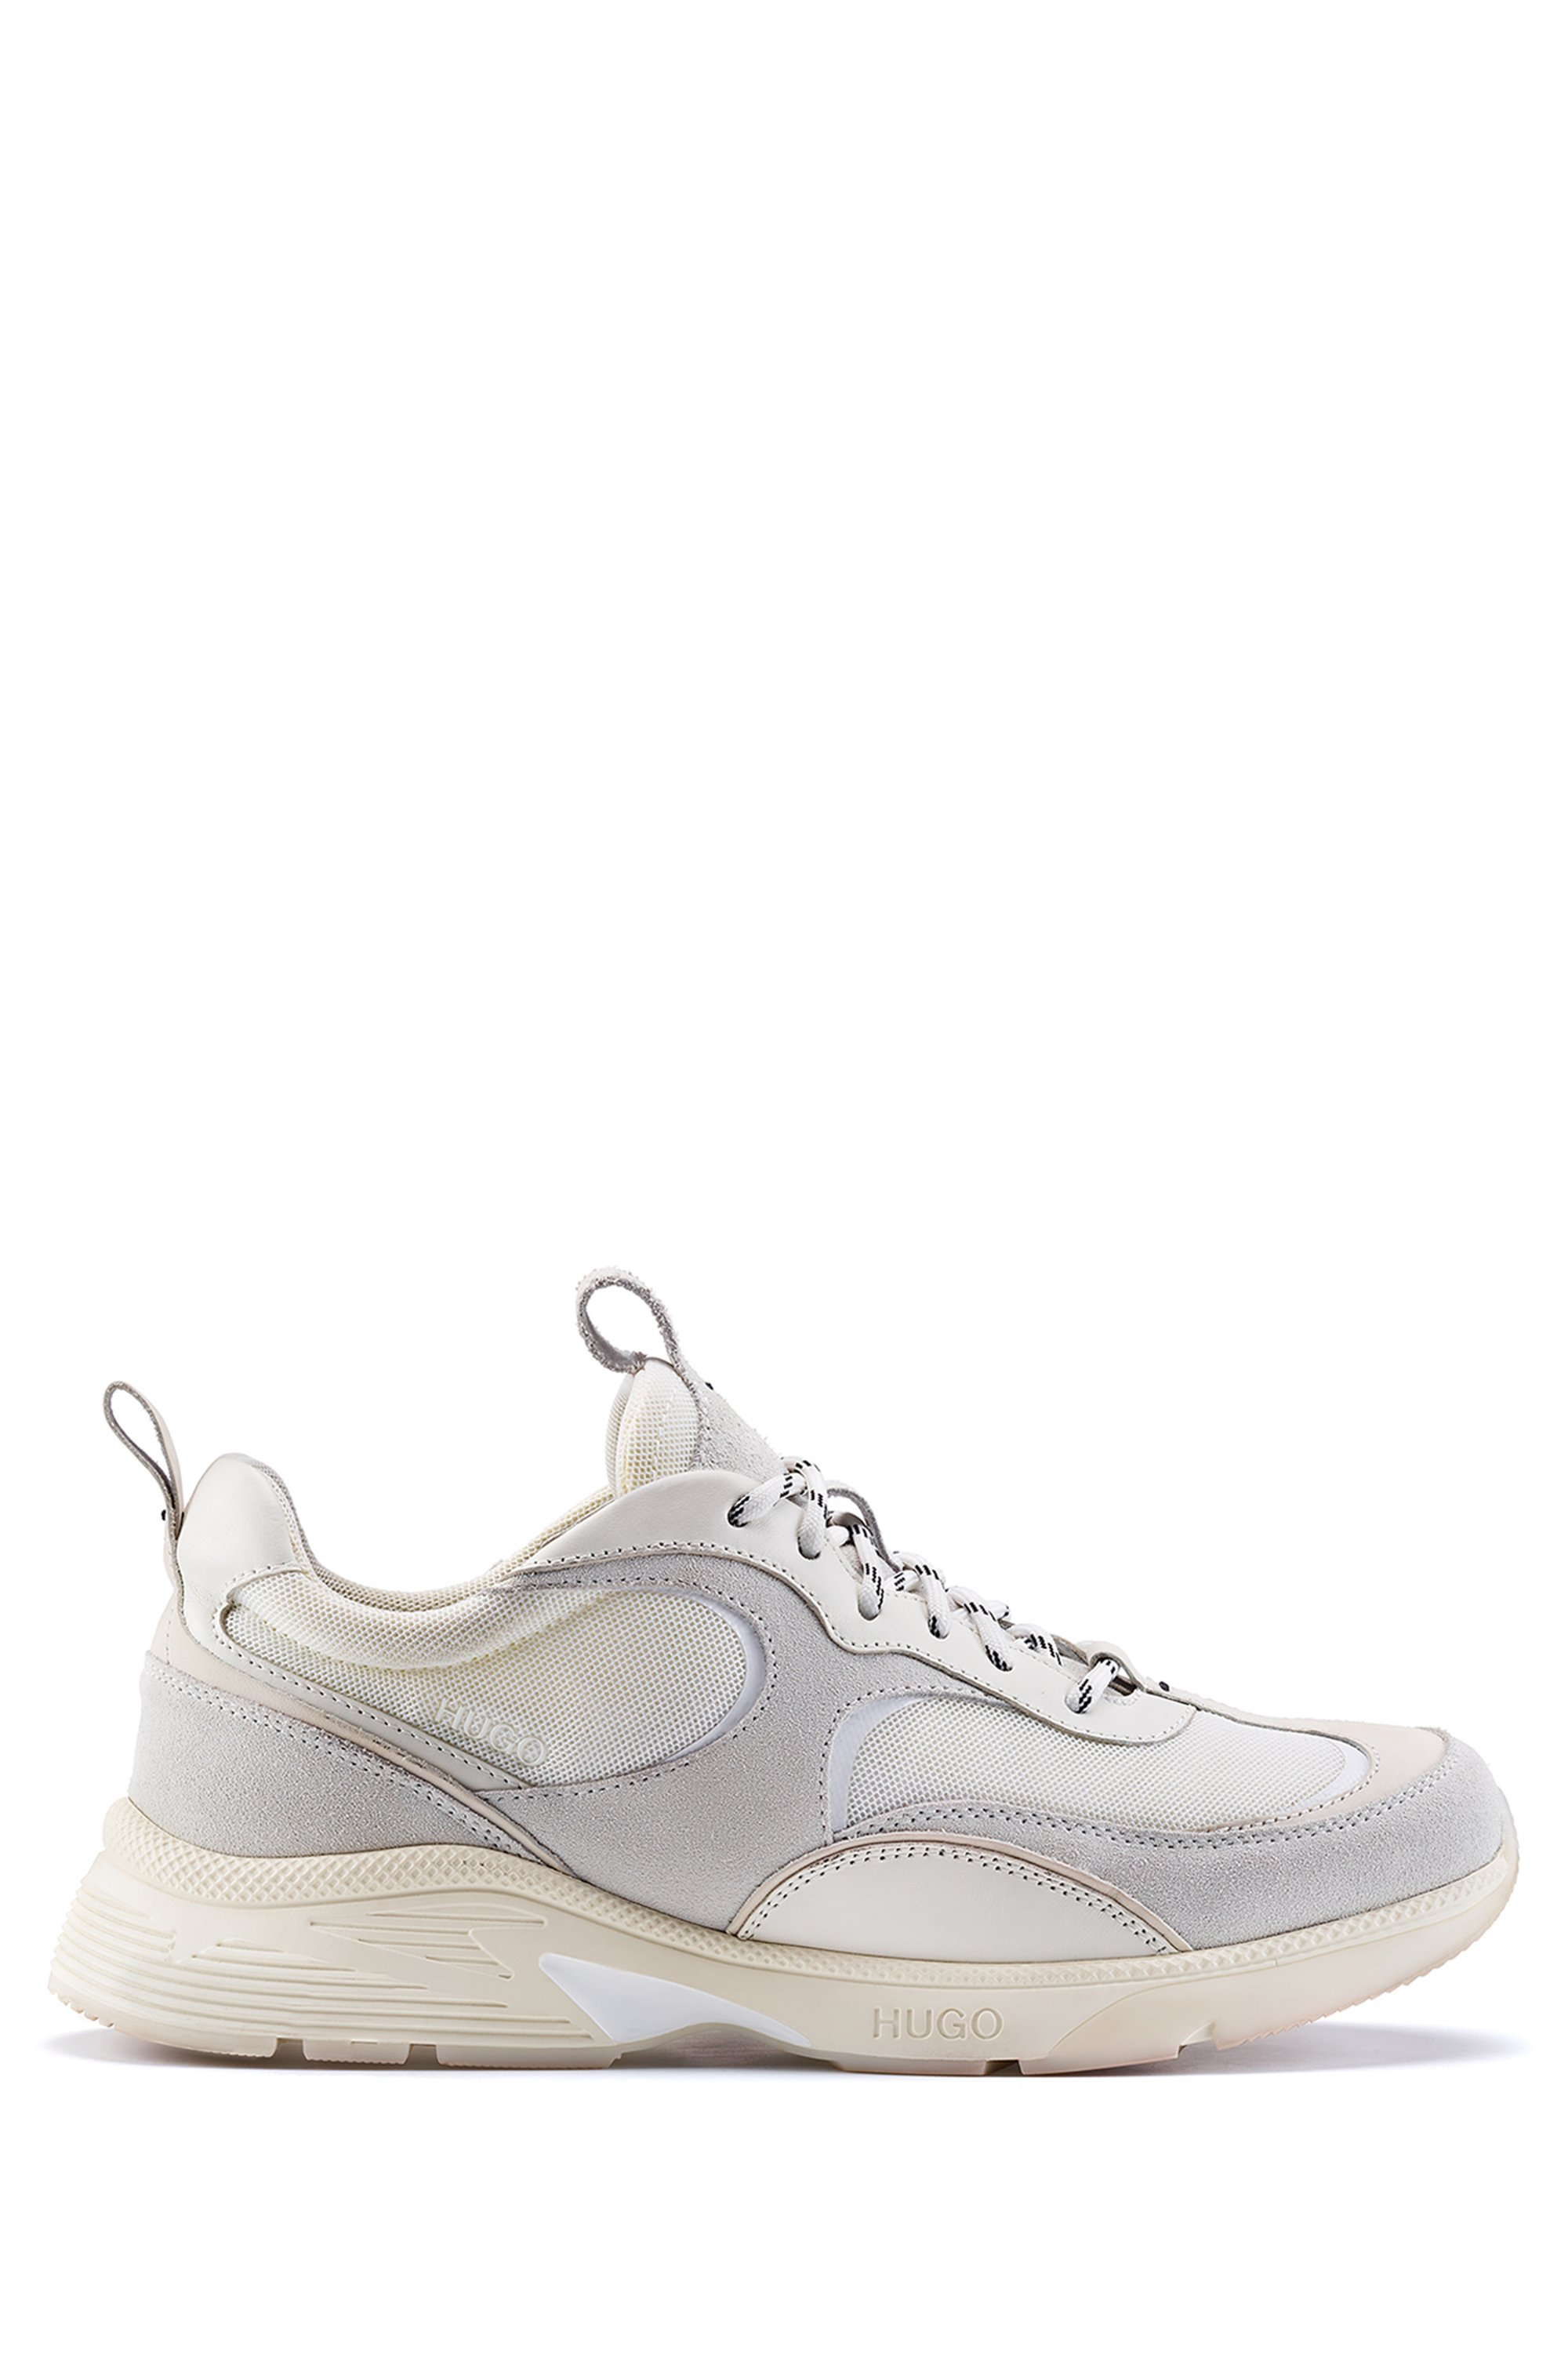 Baskets style chaussures de course en mélange de matières avec logos, Blanc